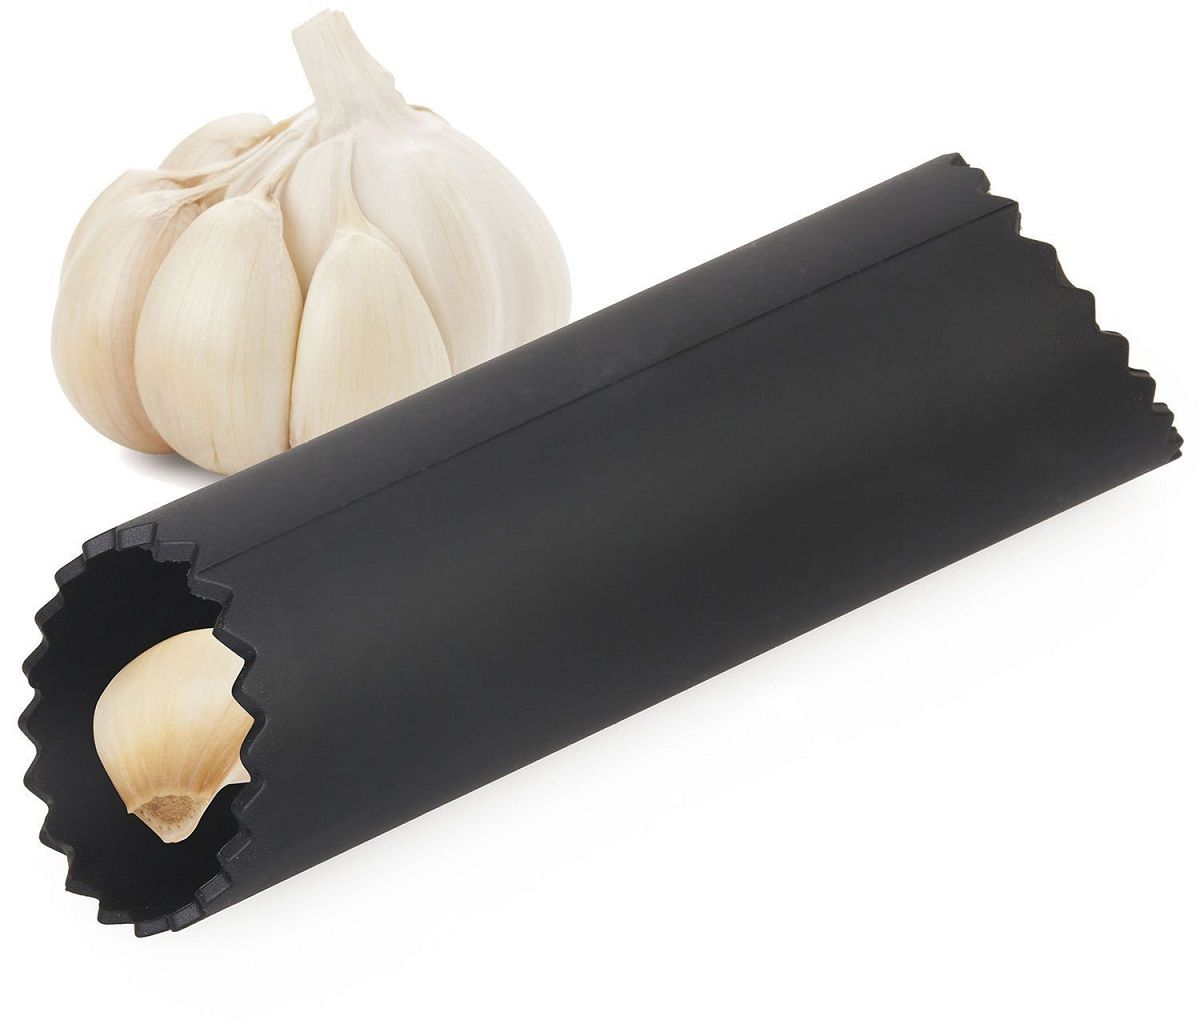 Очиститель для чеснока FidgetGo Круг, силиконовый, цвет: черный, 13 х 3,7 см2212345678135Чистить чеснок всегда было утомительным и неприятным делом для любой хозяйки,т.к. шелуха постоянно прилипает к рукам. На помощь в таких ситуациях приходят гаджеты для кухни, которые значительно облегчают труд во время приготовления блюд. Например, простое, но очень функциональное приспособление для чистки чеснока, которое в считанные минуты поможет очистить чеснок в любом объеме. Это приспособление – это силиконовая трубка для чистки чеснока не так давно появилась на рынке, но уж начинает набирать обороты.Силиконовый очиститель очень мягкий и приятный на ощупь. Пользоваться им очень просто! Поместите зубчики чеснока в трубку и покатайте по столу, затем выньте уже очищенный чеснок, шелуха останется в трубочке. Мыть и сушить это приспособление очень легко! Благодаря отверстию в трубке, его можно подвешивать на крючок.